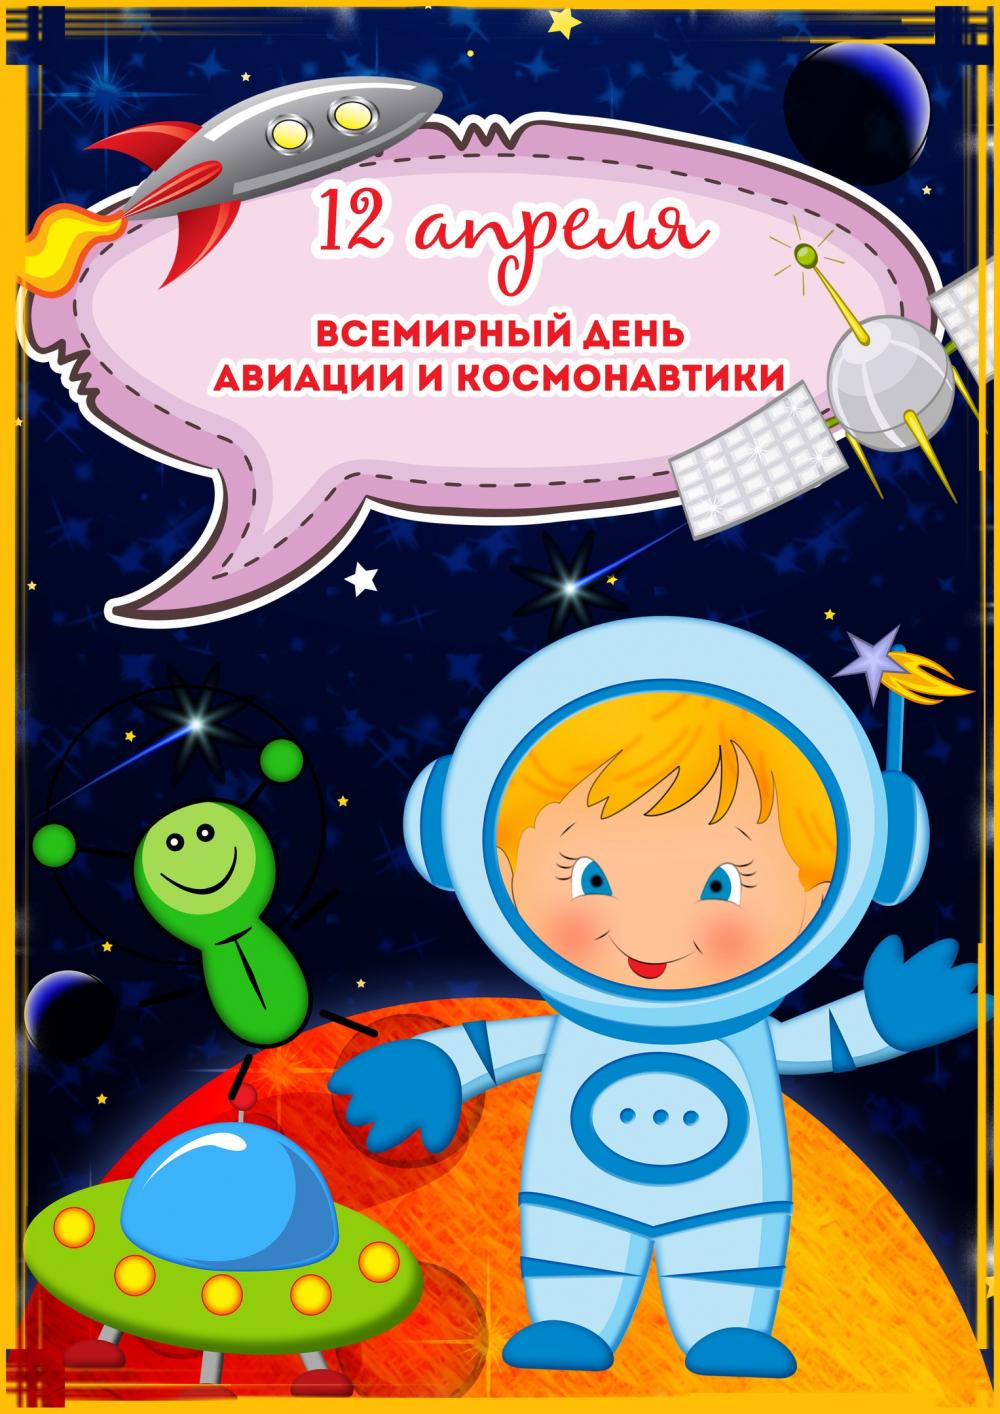 Картинки к дню космонавтики для детей дошкольного возраста